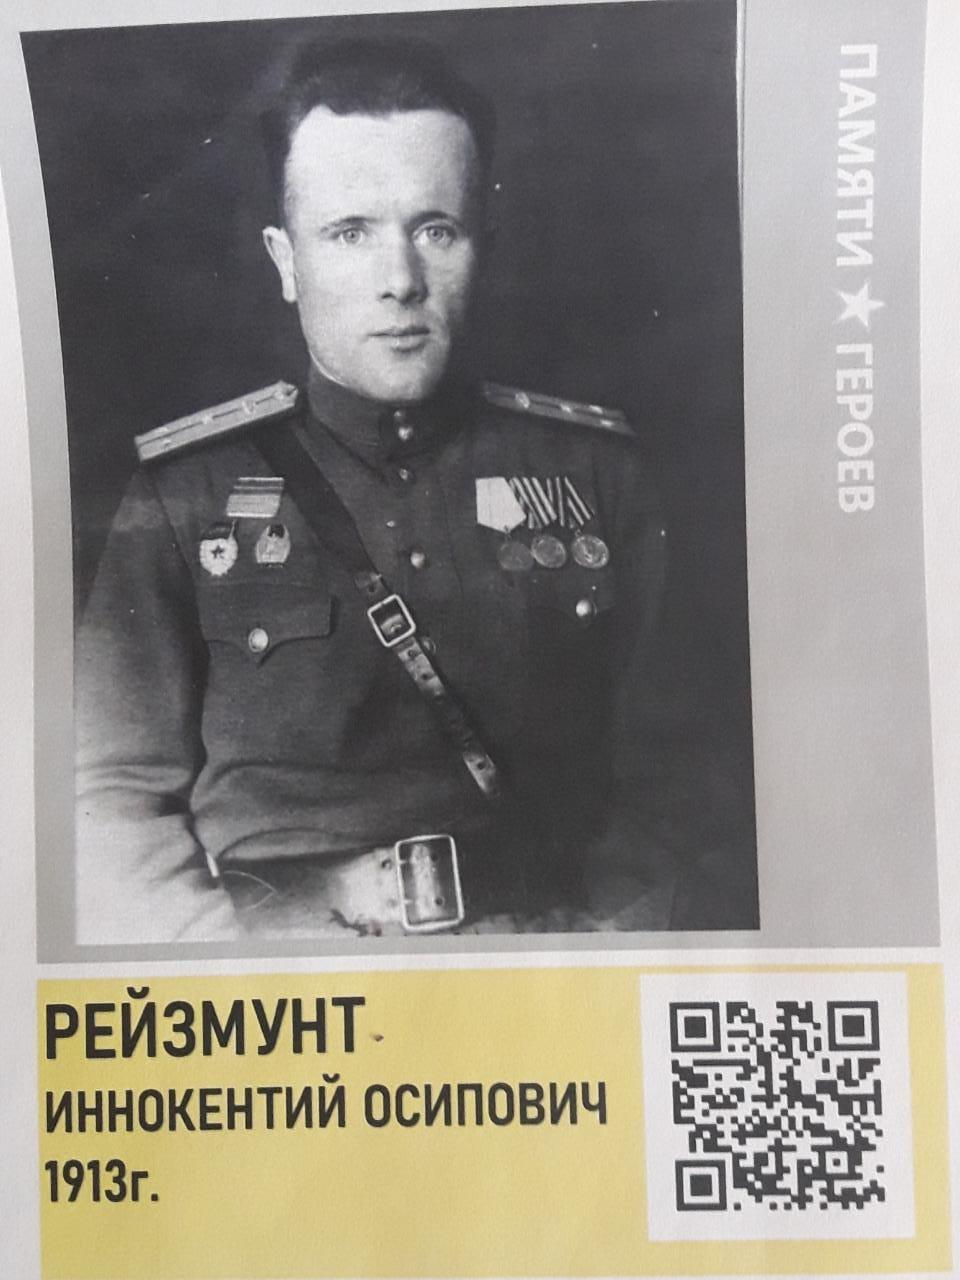 Бакуменко Егор рассказывает о своем прапрадеде Иннокентие Осиповиче Рейзмунт (видео)